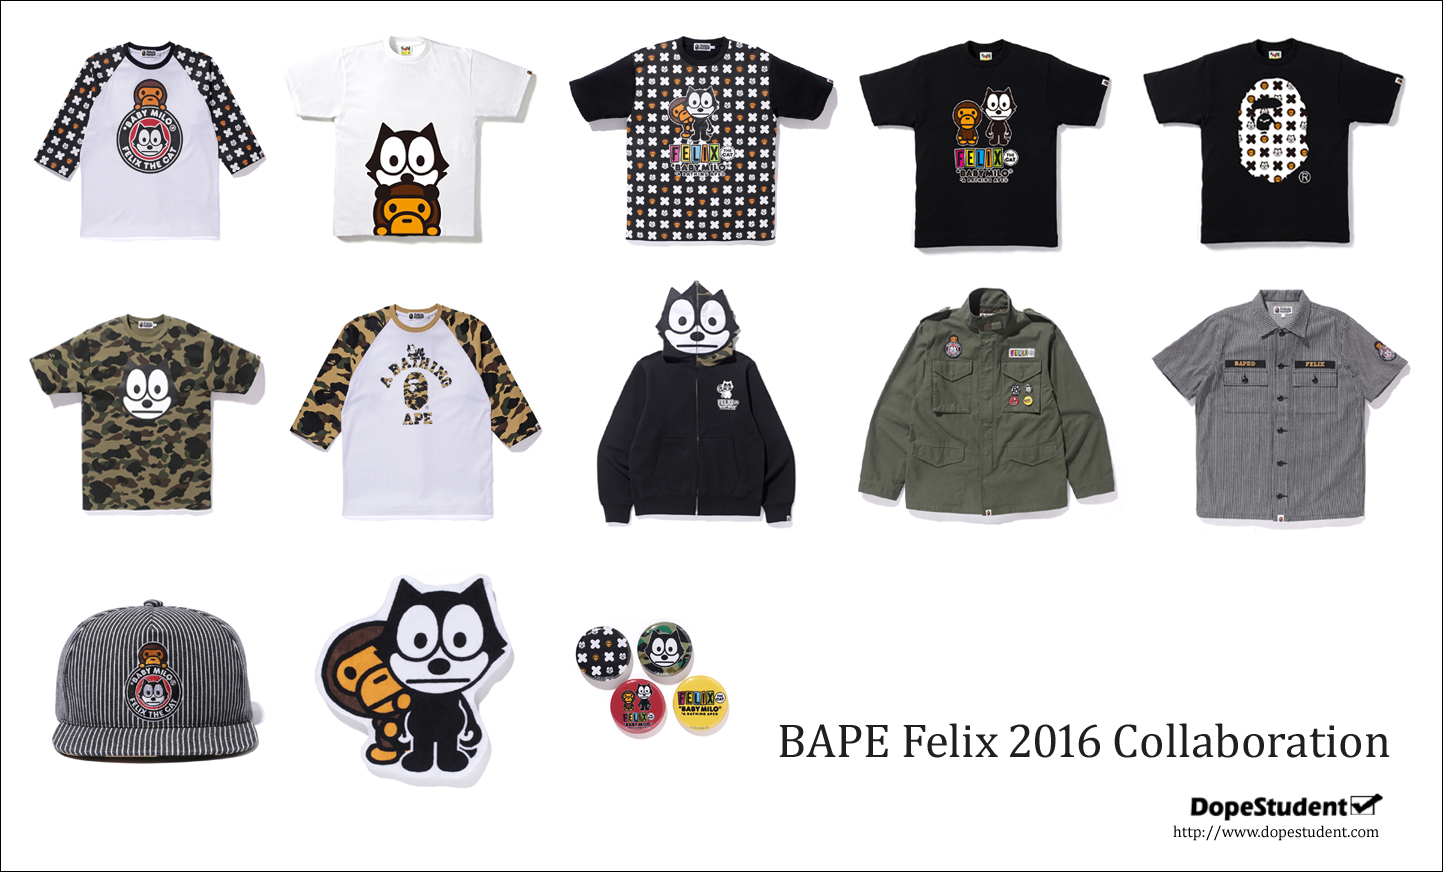 bape-felix 2016